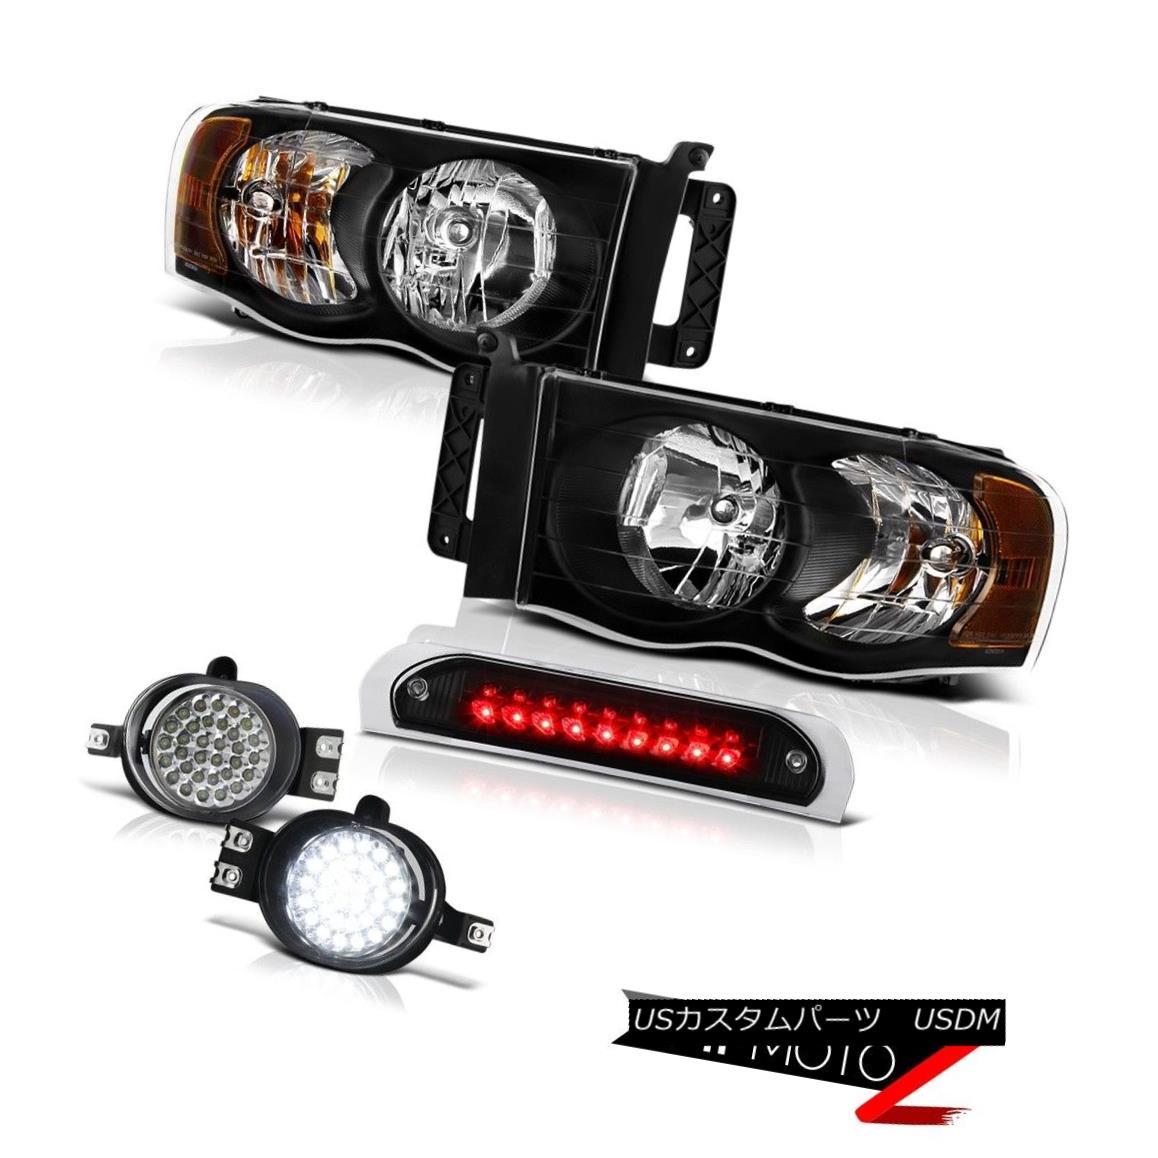 テールライト Black Headlights Trim LED Wiring Foglights Roof Brake Cargo 2002-2005 Ram 1500 ブラックヘッドライトトリムLEDワイヤリングフォグライトルーフブレーキカーゴ2002-2005ラム1500